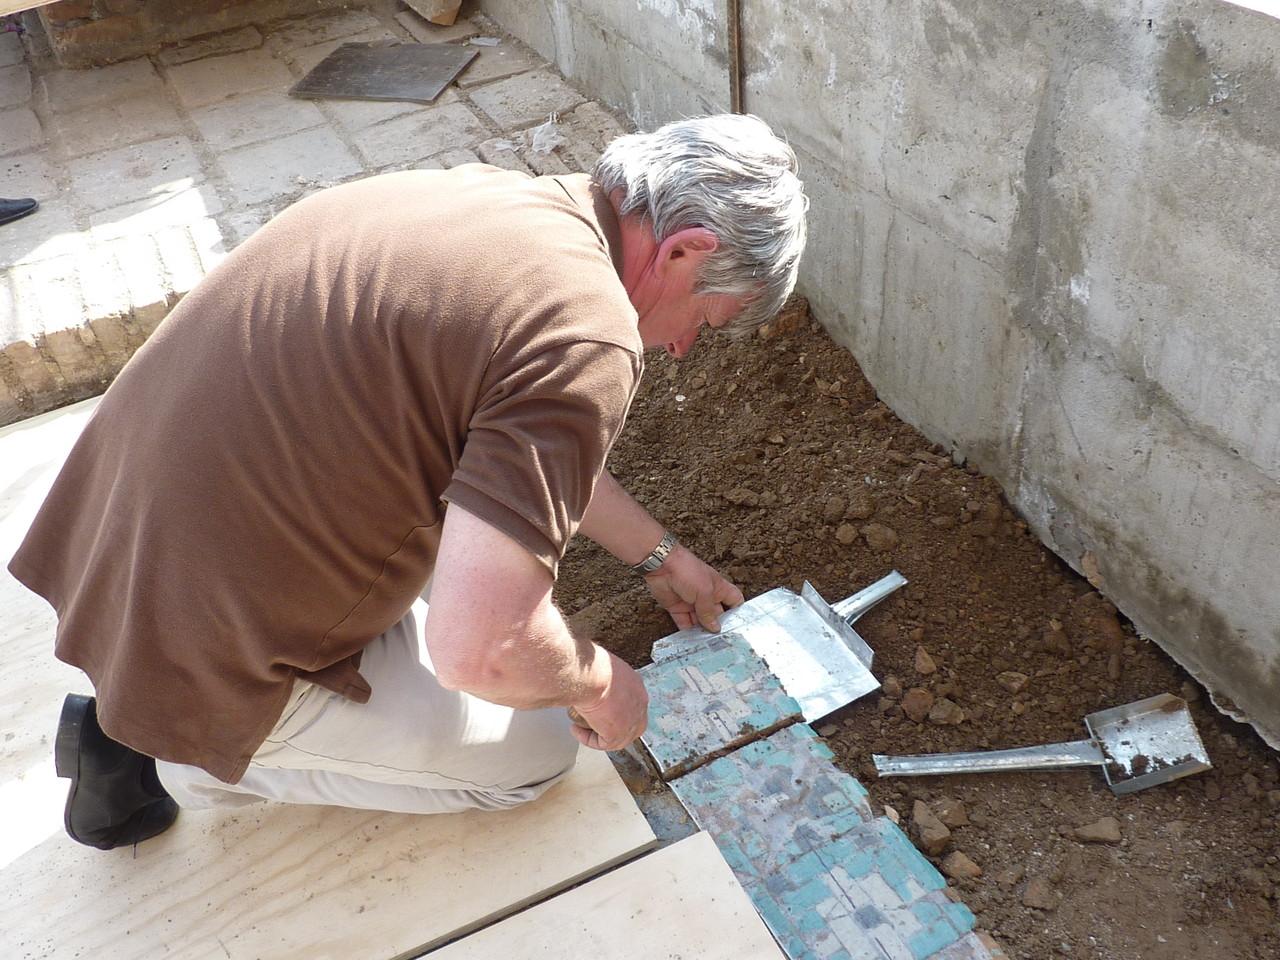 Dépose d'un carreau. Ici l'absence de mortier facilite le décollage de la terre (Socra, 2012)